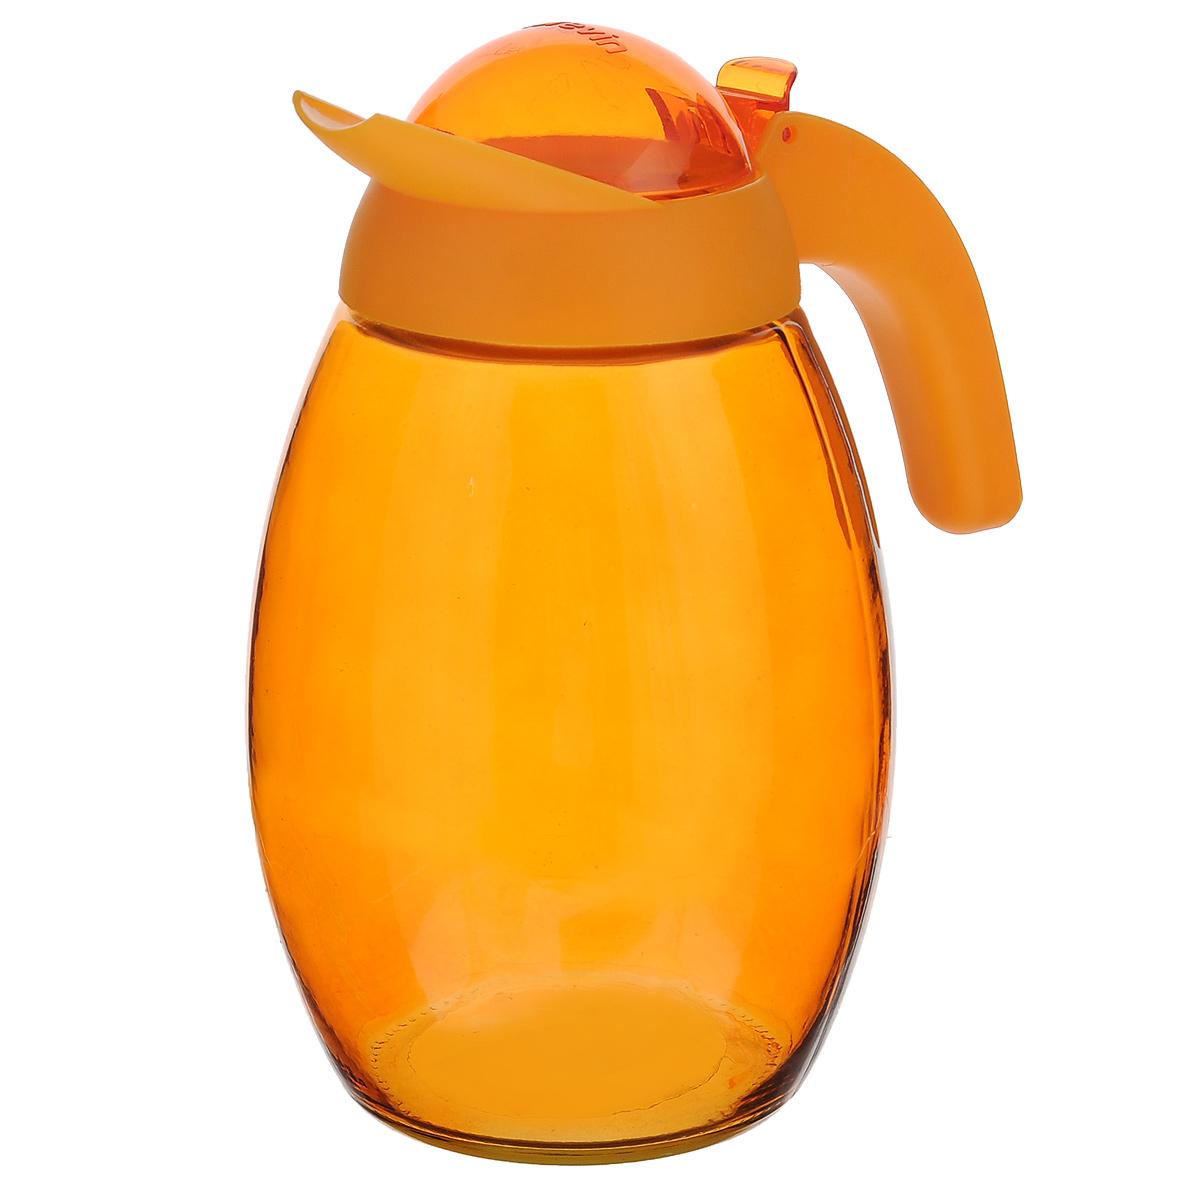 Кувшин Herevin с крышкой, цвет: оранжевый, 1,6 л. 111311111311-000Кувшин Herevin, выполненный из высококачественного прочного стекла, элегантно украсит ваш стол. Кувшин оснащен удобной ручкой и завинчивающейся пластиковой крышкой. Благодаря этому внутри сохраняется герметичность, и напитки дольше остаются свежими. Кувшин прост в использовании, достаточно просто наклонить его и налить ваш любимый напиток. Цветная крышка оснащена откидным механизмом для более удобного заливания жидкостей. Изделие прекрасно подойдет для подачи воды, сока, компота и других напитков. Кувшин Herevin дополнит интерьер вашей кухни и станет замечательным подарком к любому празднику. Диаметр (по верхнему краю): 6 см. Высота кувшина (без учета крышки): 18,5 см.